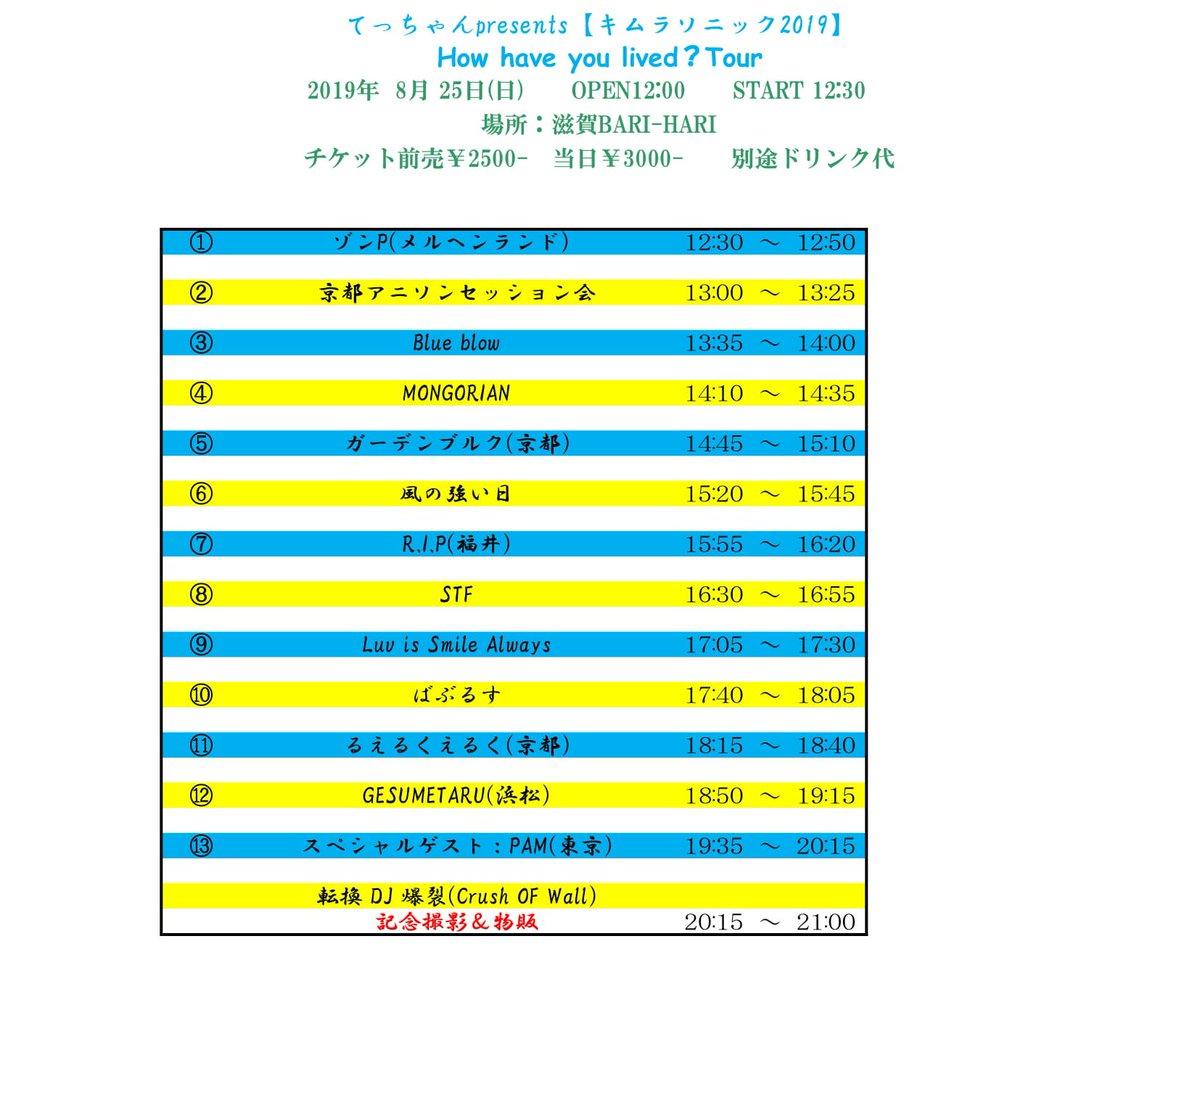 test ツイッターメディア - お盆が過ぎても まだまだ暑い日が続きますねφ(..) 皆さん体調はどうですか??  これはサブカルのお誘いツイートではなく 主催者てっちゃんの別イベント 「キムラソニック」のお誘いです🙌🌼  ゲストはなんとpamです!!✨ よろしくお願いします\(*ˊᗜˋ*)/♪  #キムラソニック #エルレガーデン #pam https://t.co/raAw4pPxzO